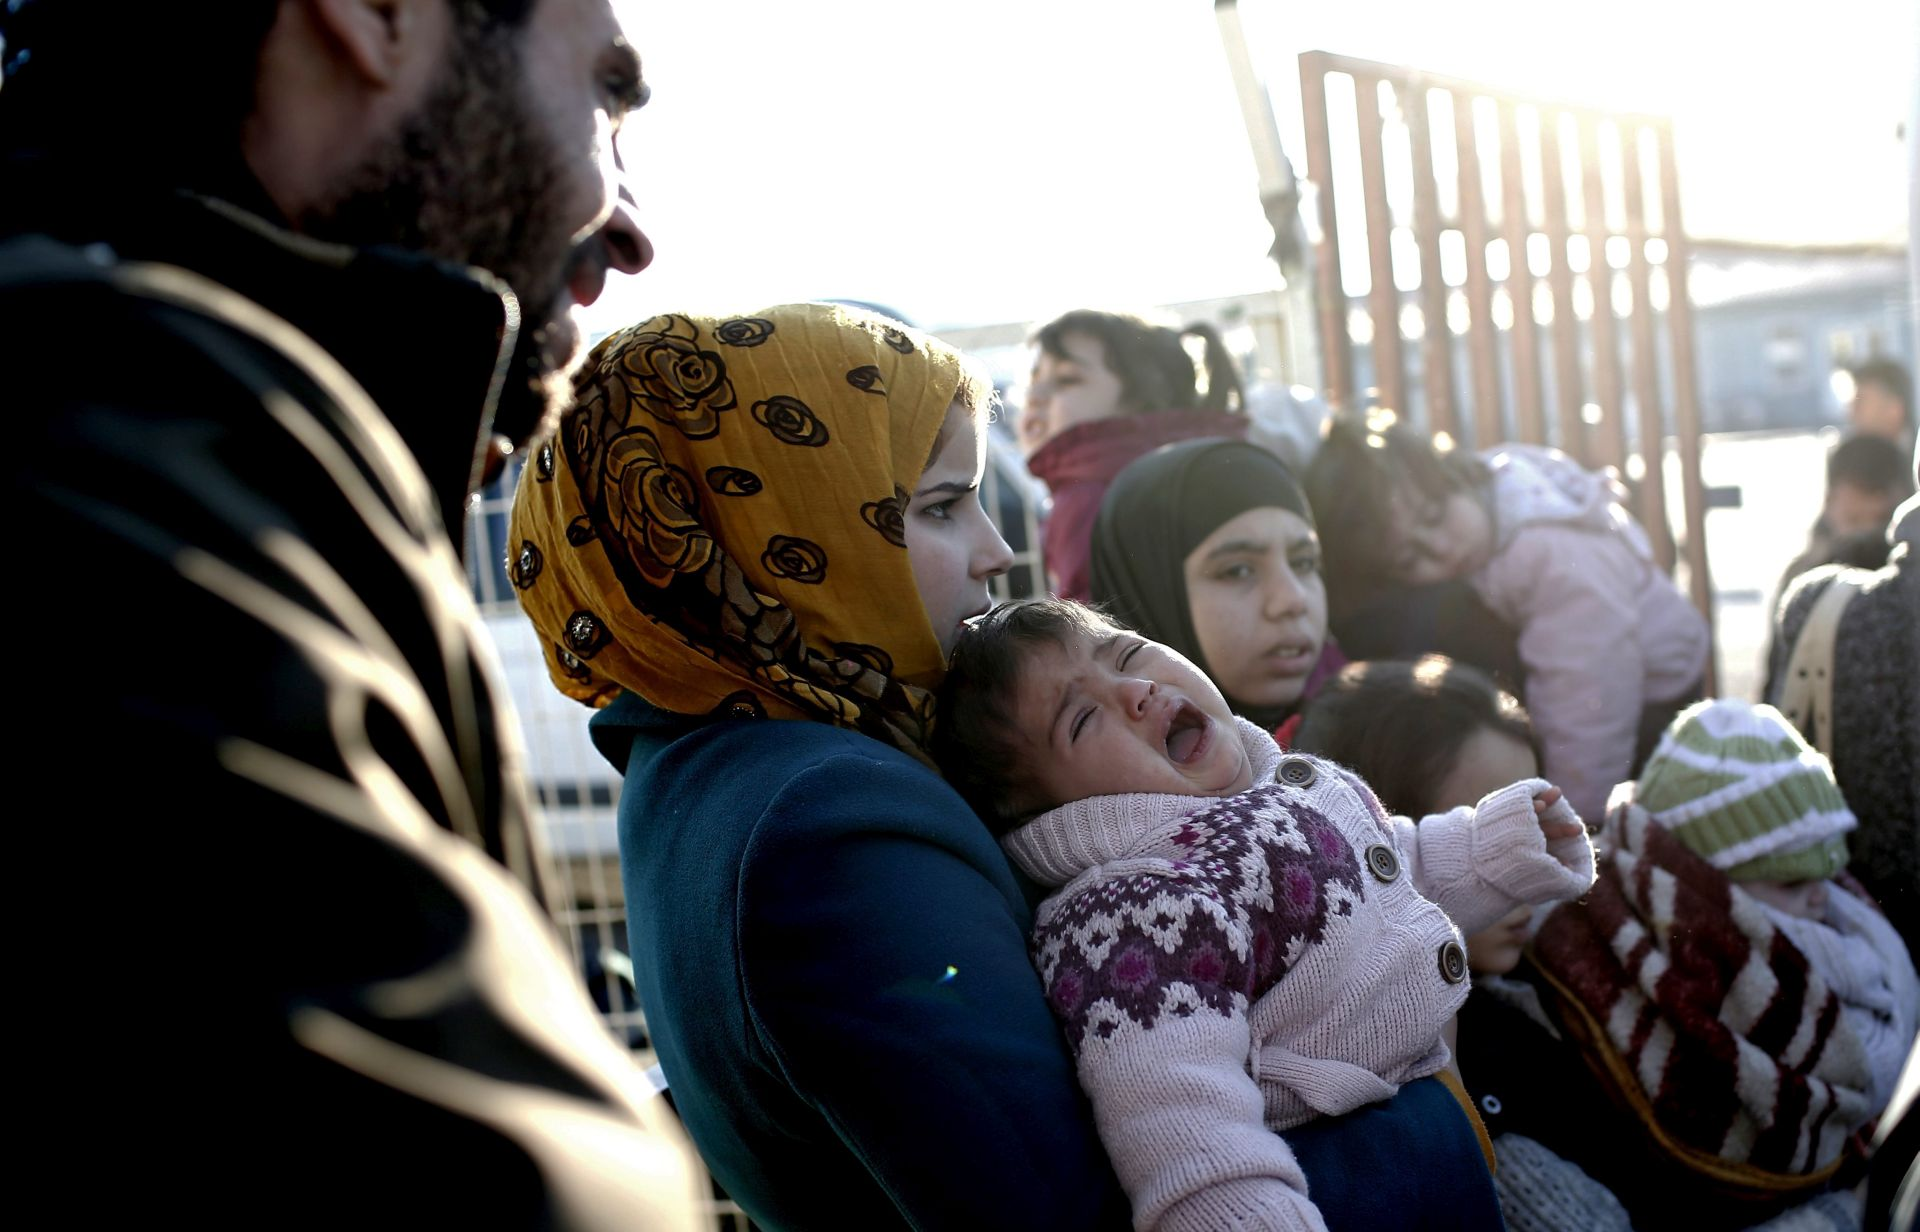 VIŠE OD 500 MRTVIH: Ofenziva sirijskog režima na Alep